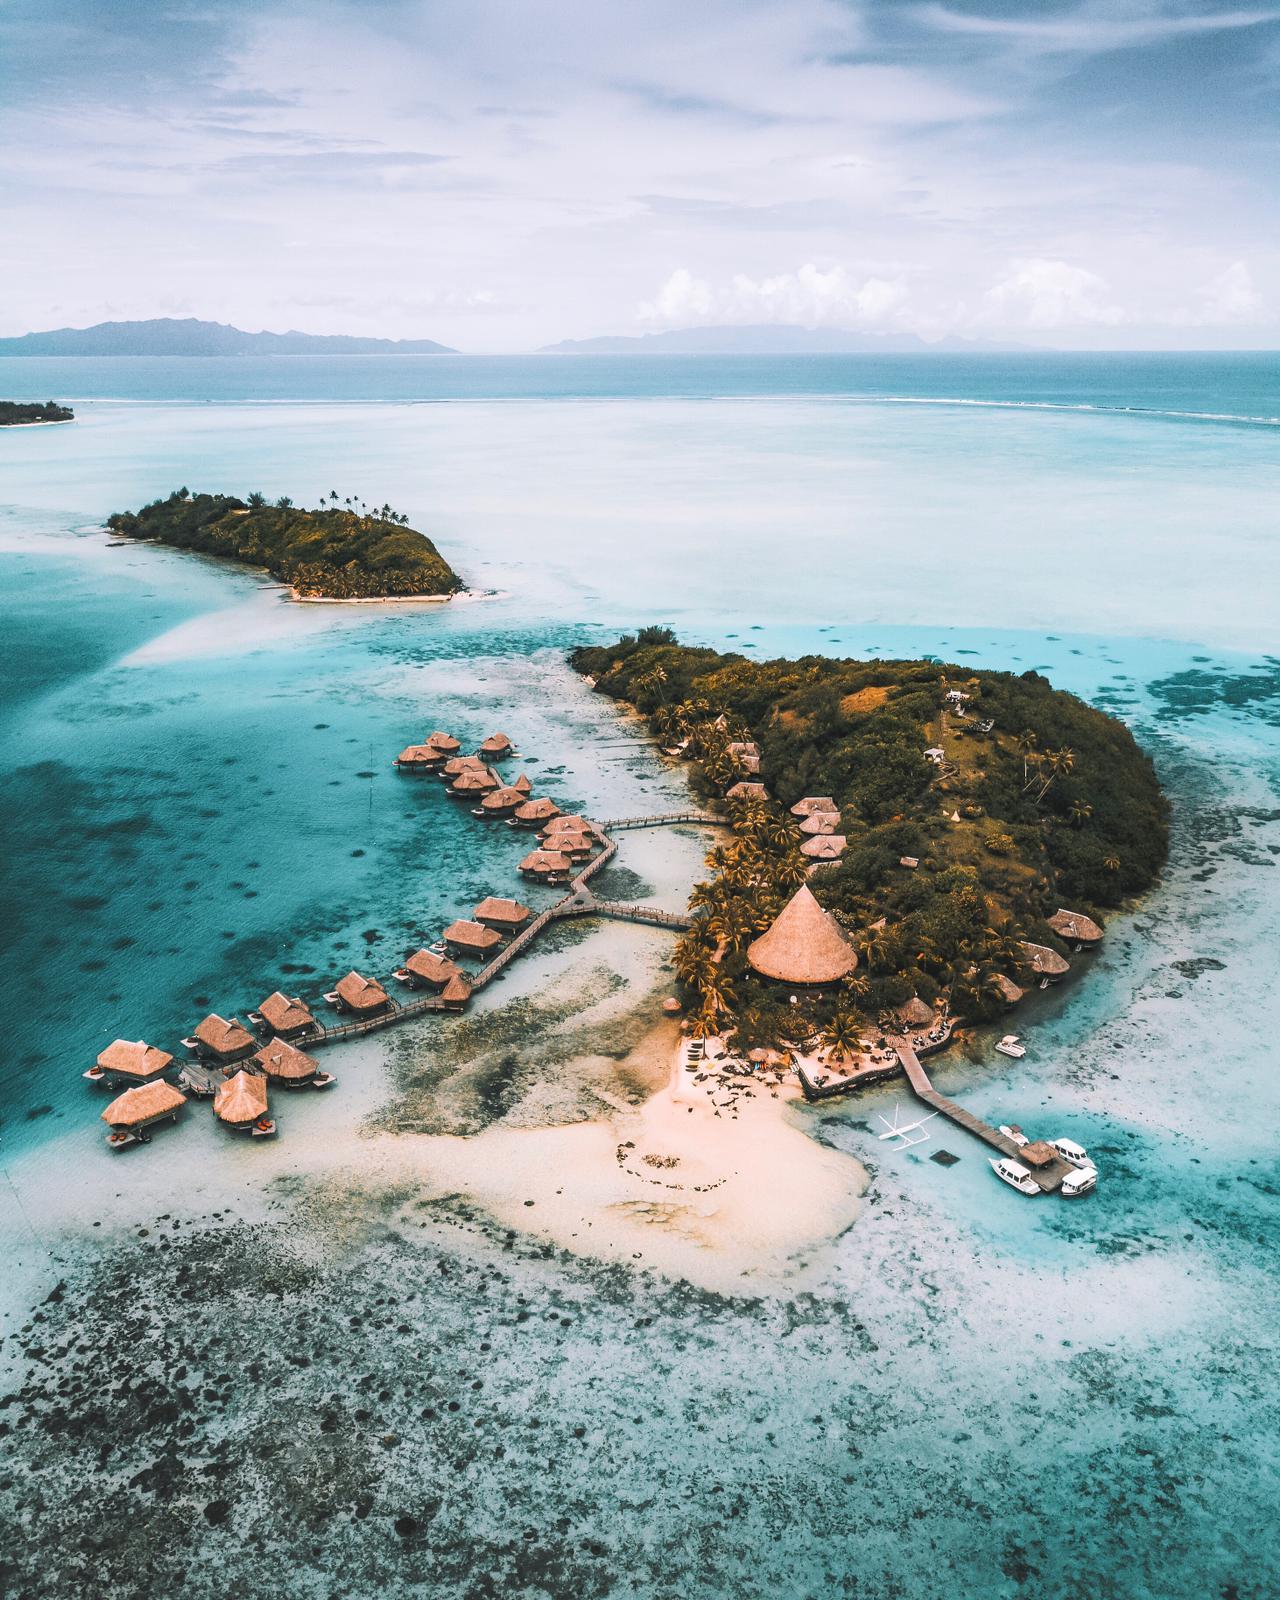 Drone Bora Bora - Blondie Baby blog voyages et mode